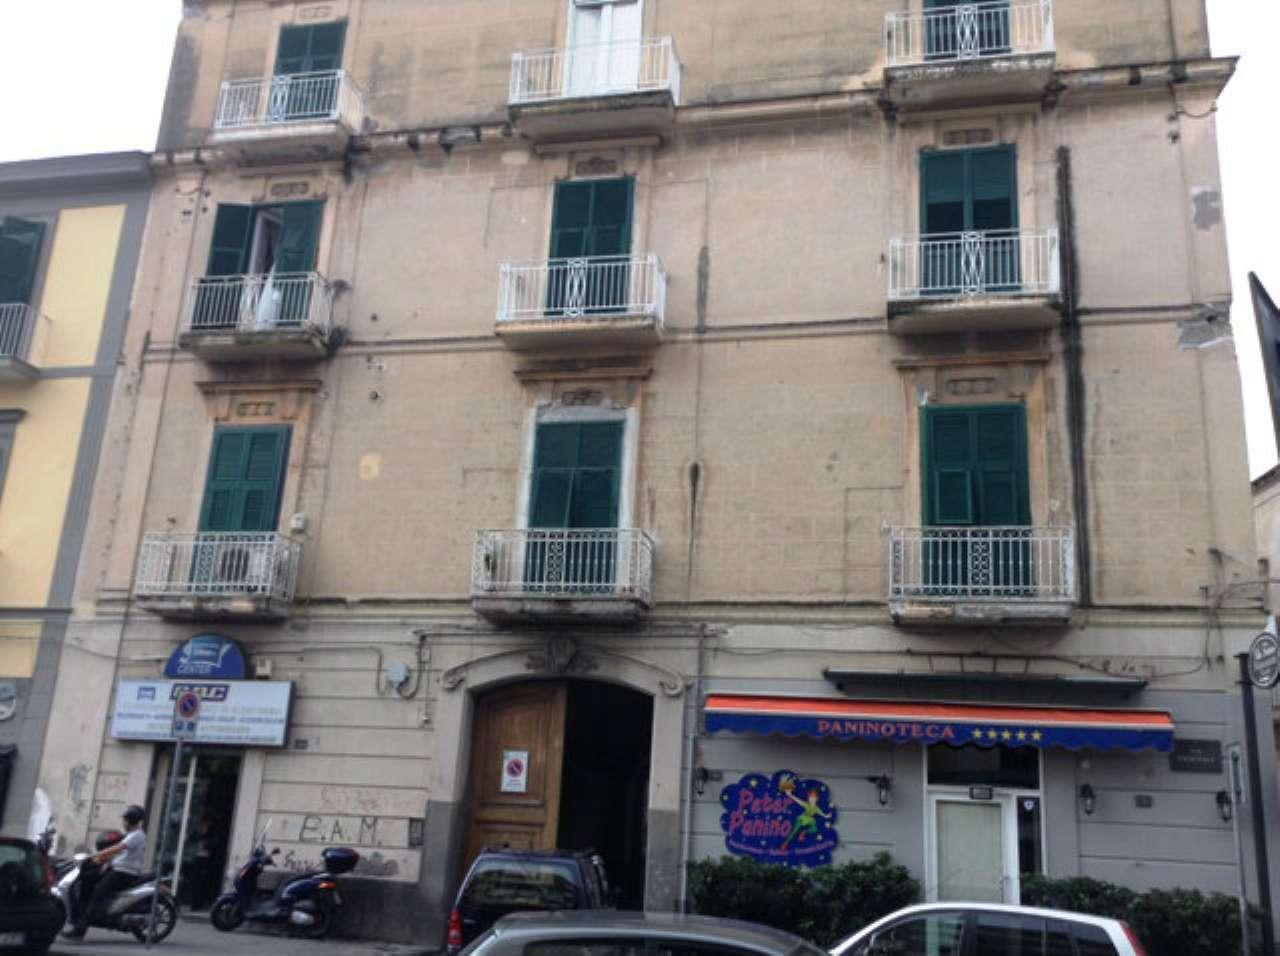 Vendita case e appartamenti a torre del greco for Piani di casa del revival greco